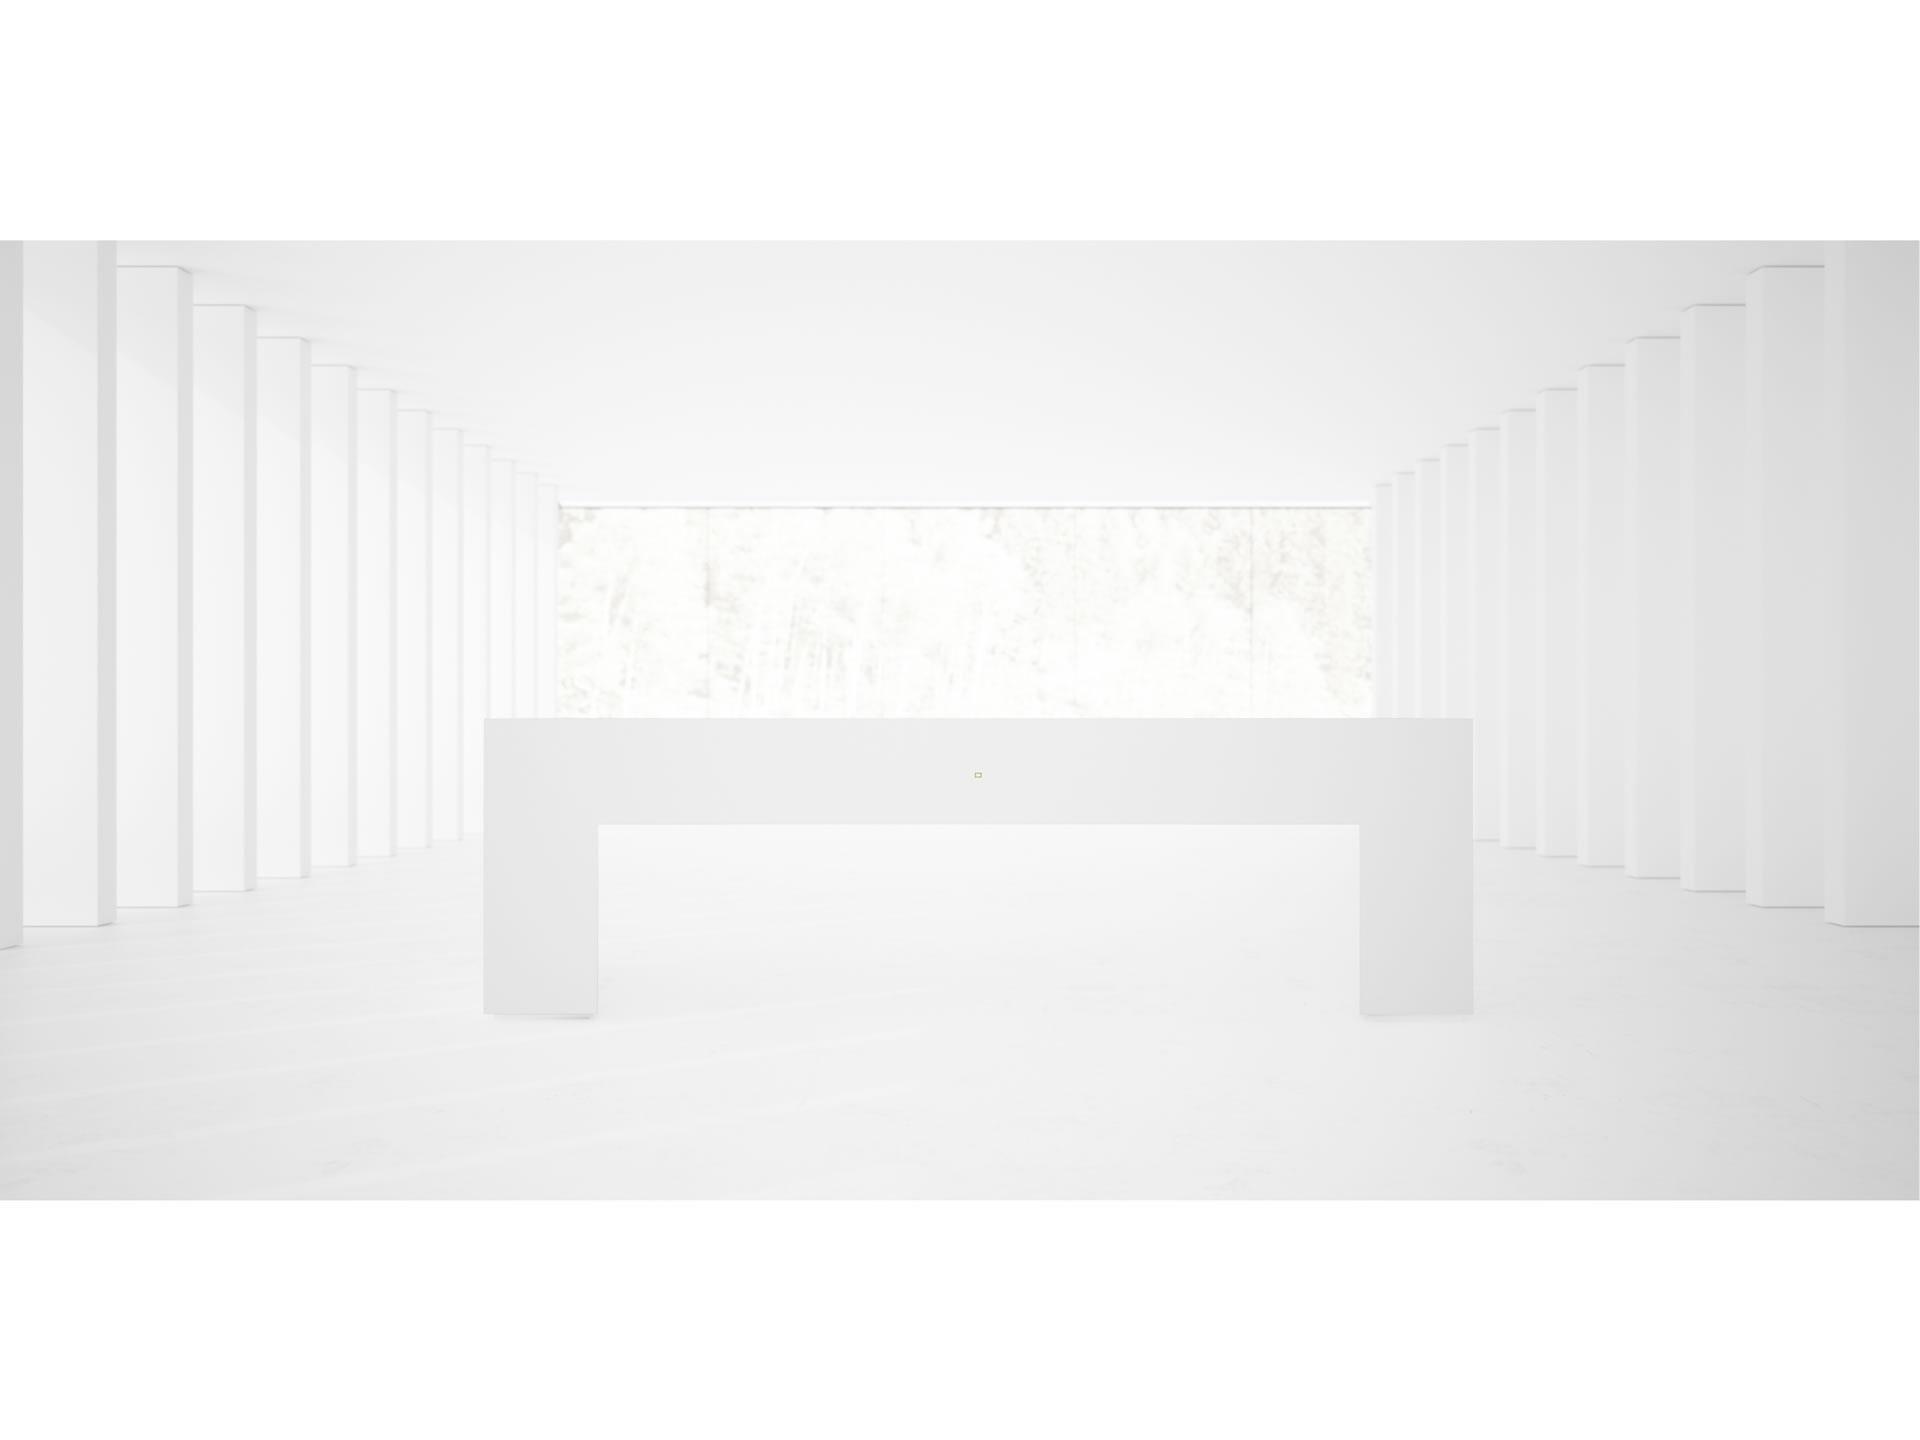 schreibtisch i felix schwake. Black Bedroom Furniture Sets. Home Design Ideas